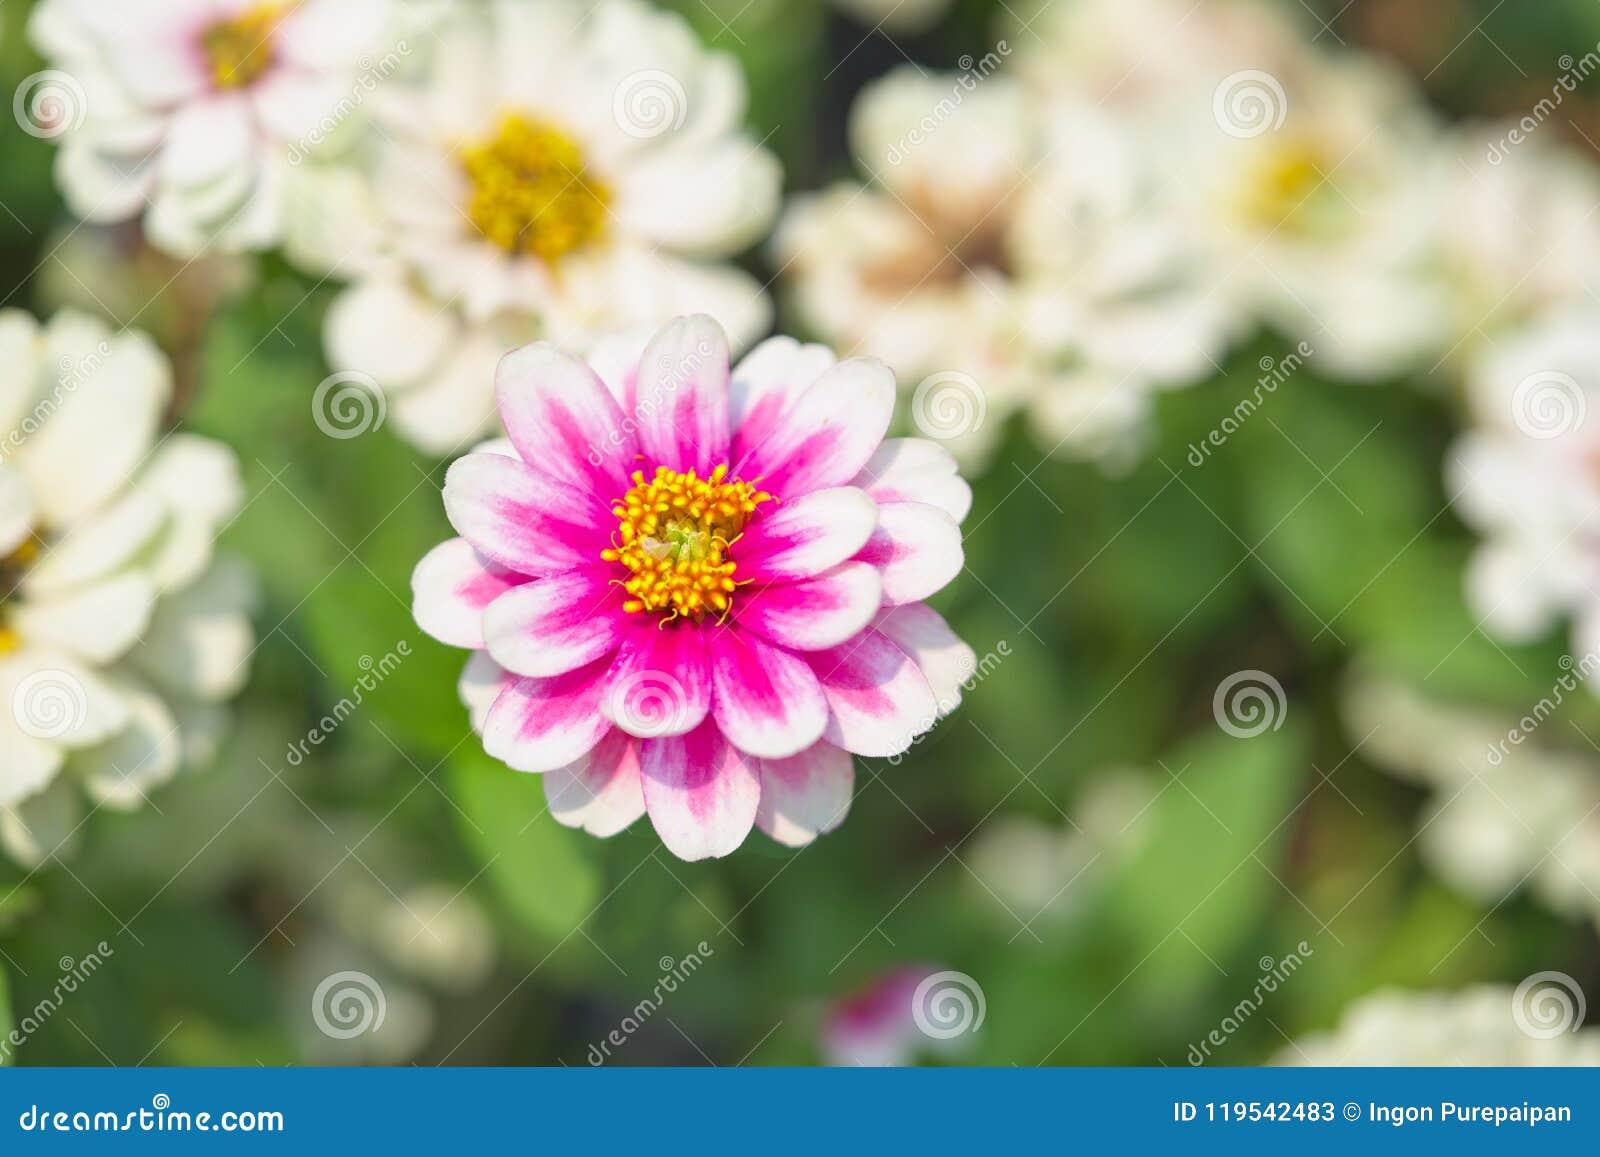 La fine su un grande fiore del fiore rosa e bianco, foglie verdi sta circondando il fiore